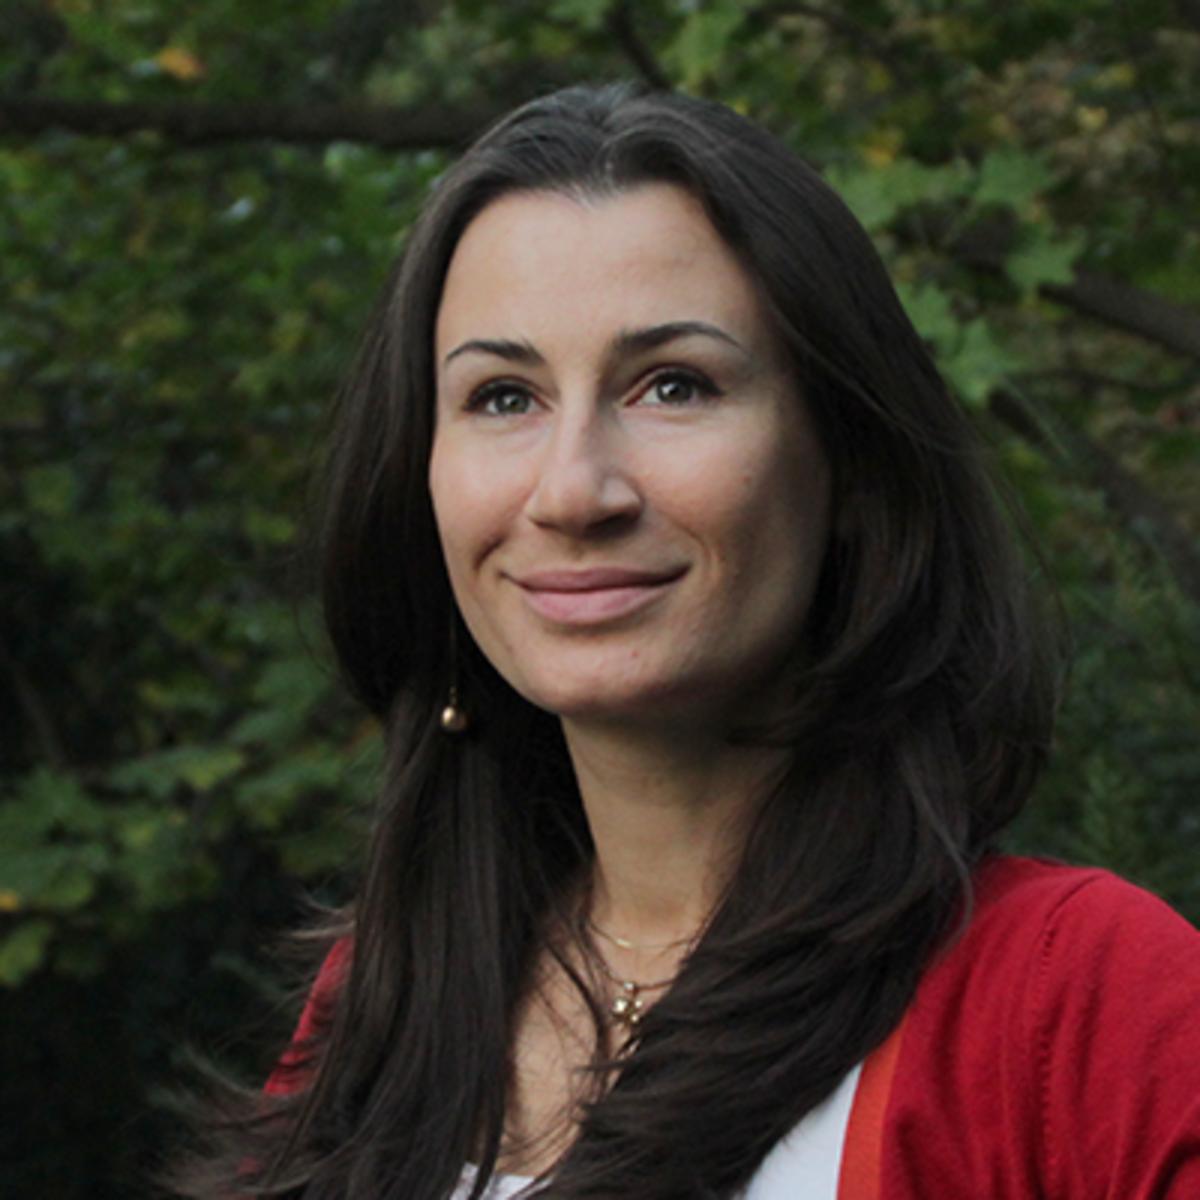 Photo of Maryna Vaschenko